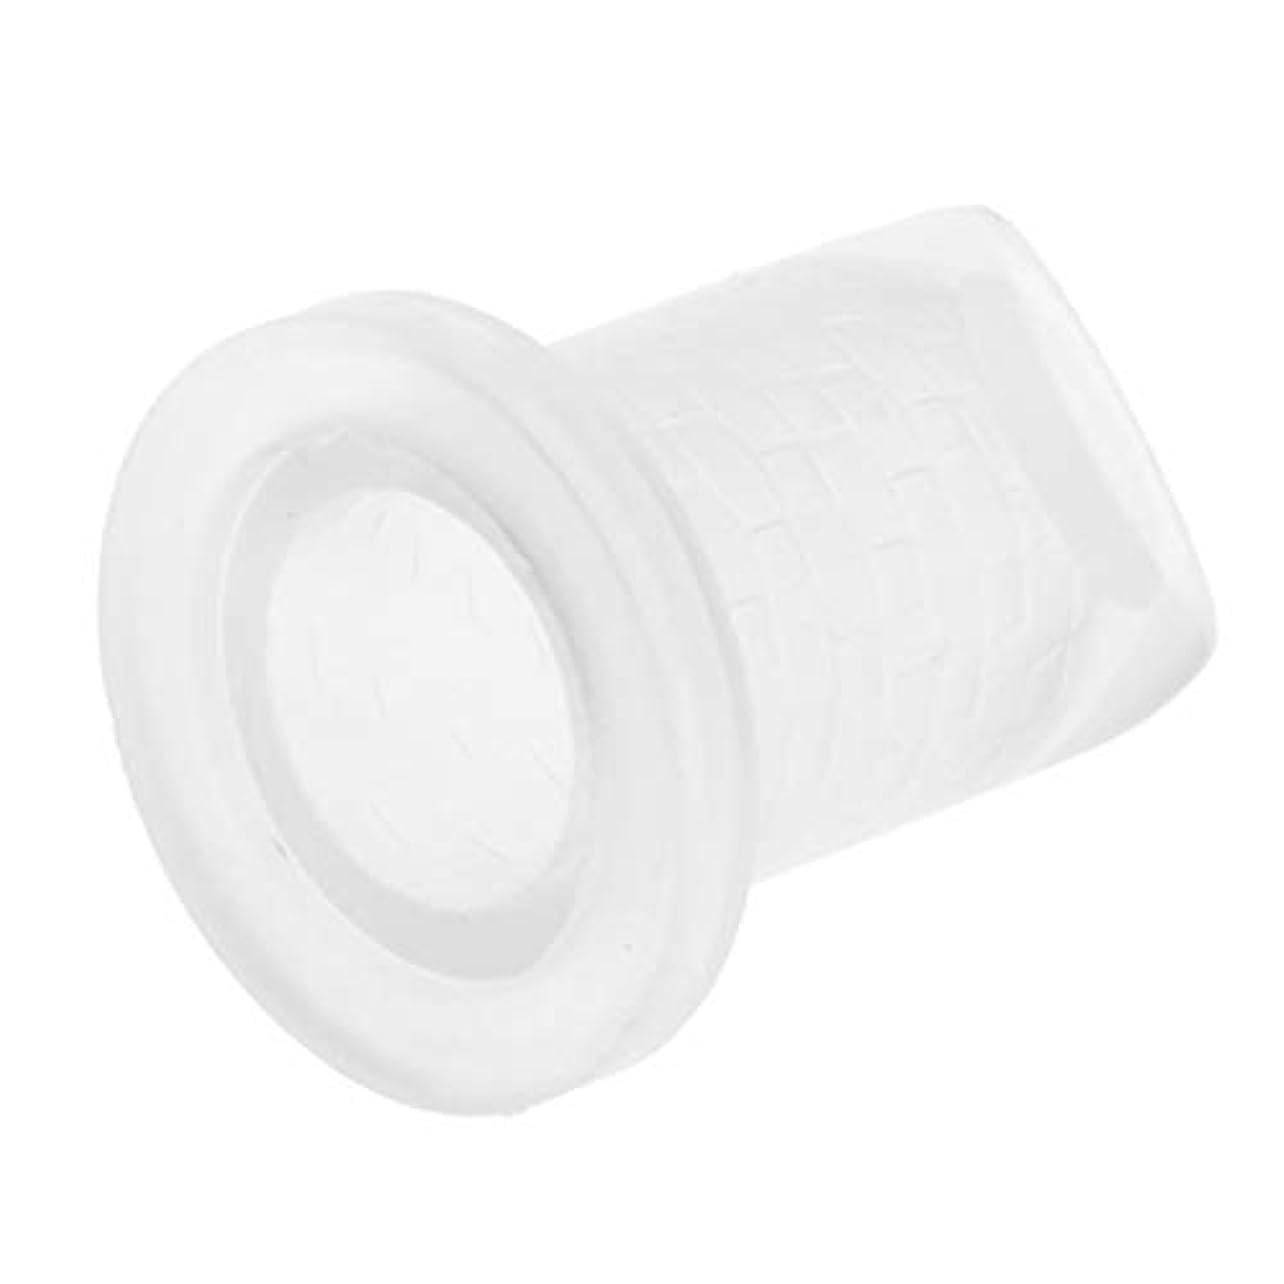 蜜破滅的な過ちシリコーン型 口紅型 リップクリーム型 型抜き 12.1mm口紅チューブに適用 全6種 - 平方